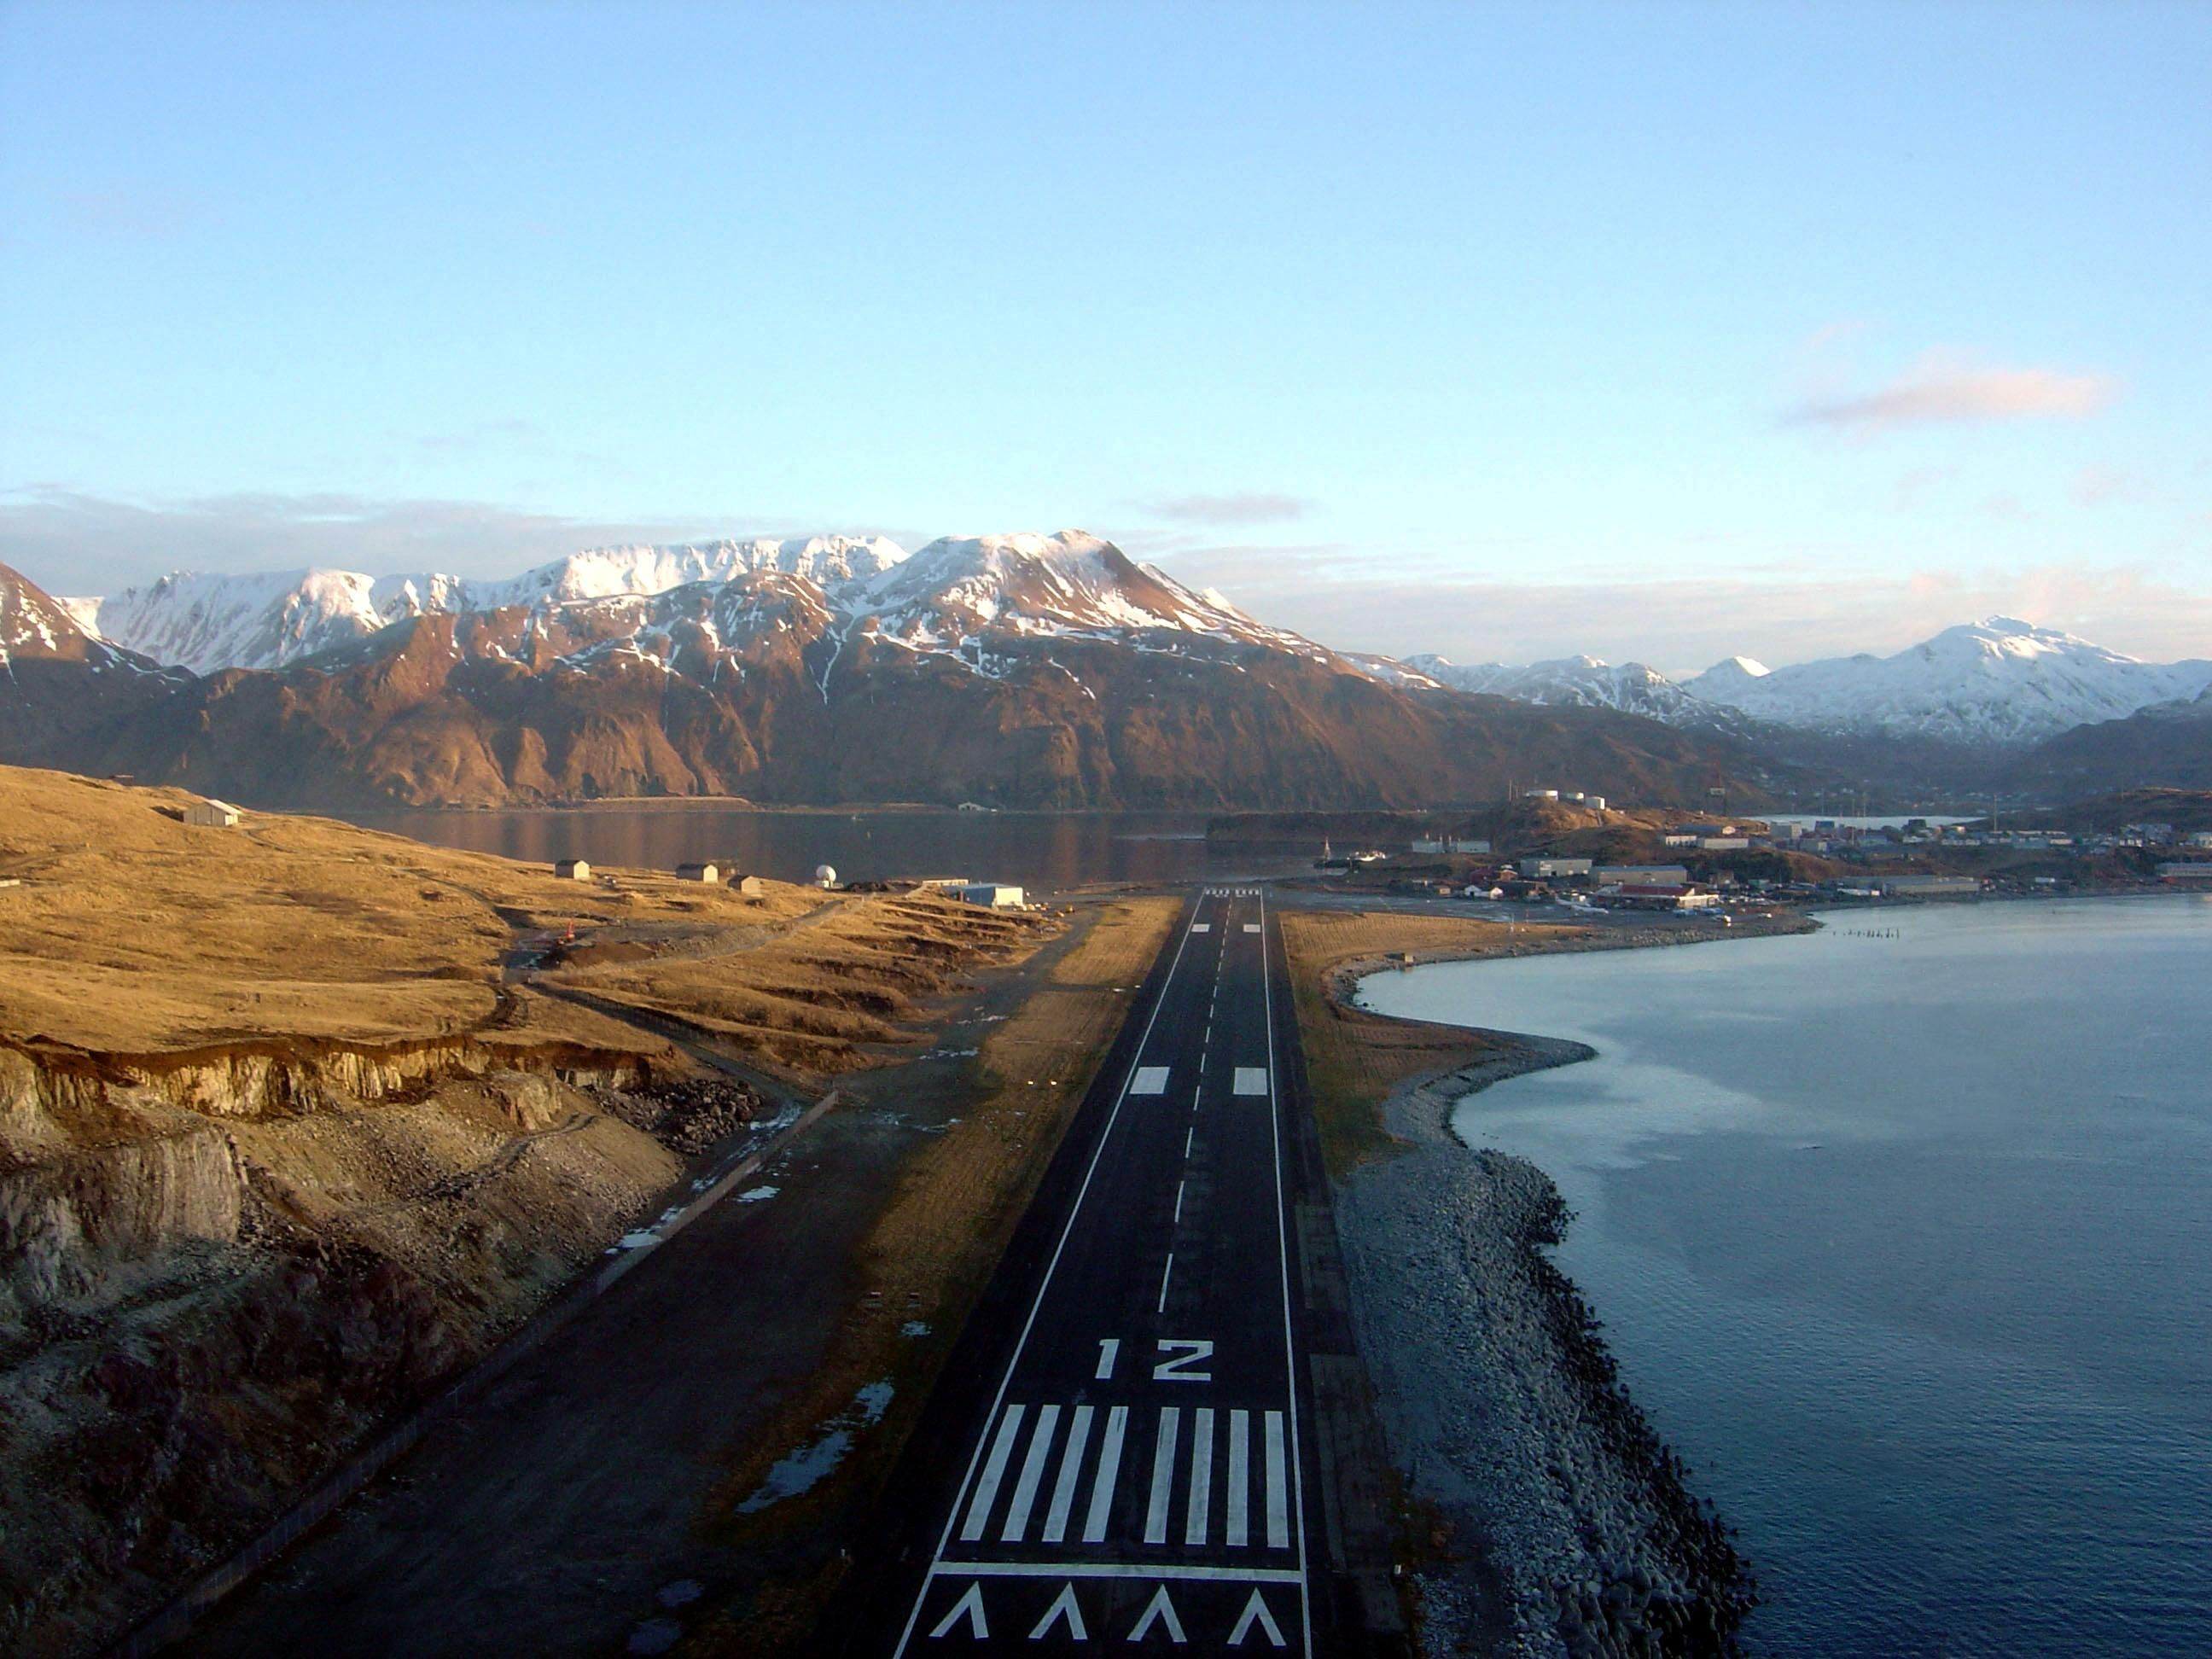 Grand aleutian dutch harbor alaska - Dut Unalaska Dutch Harbor Airport Alaska Usa